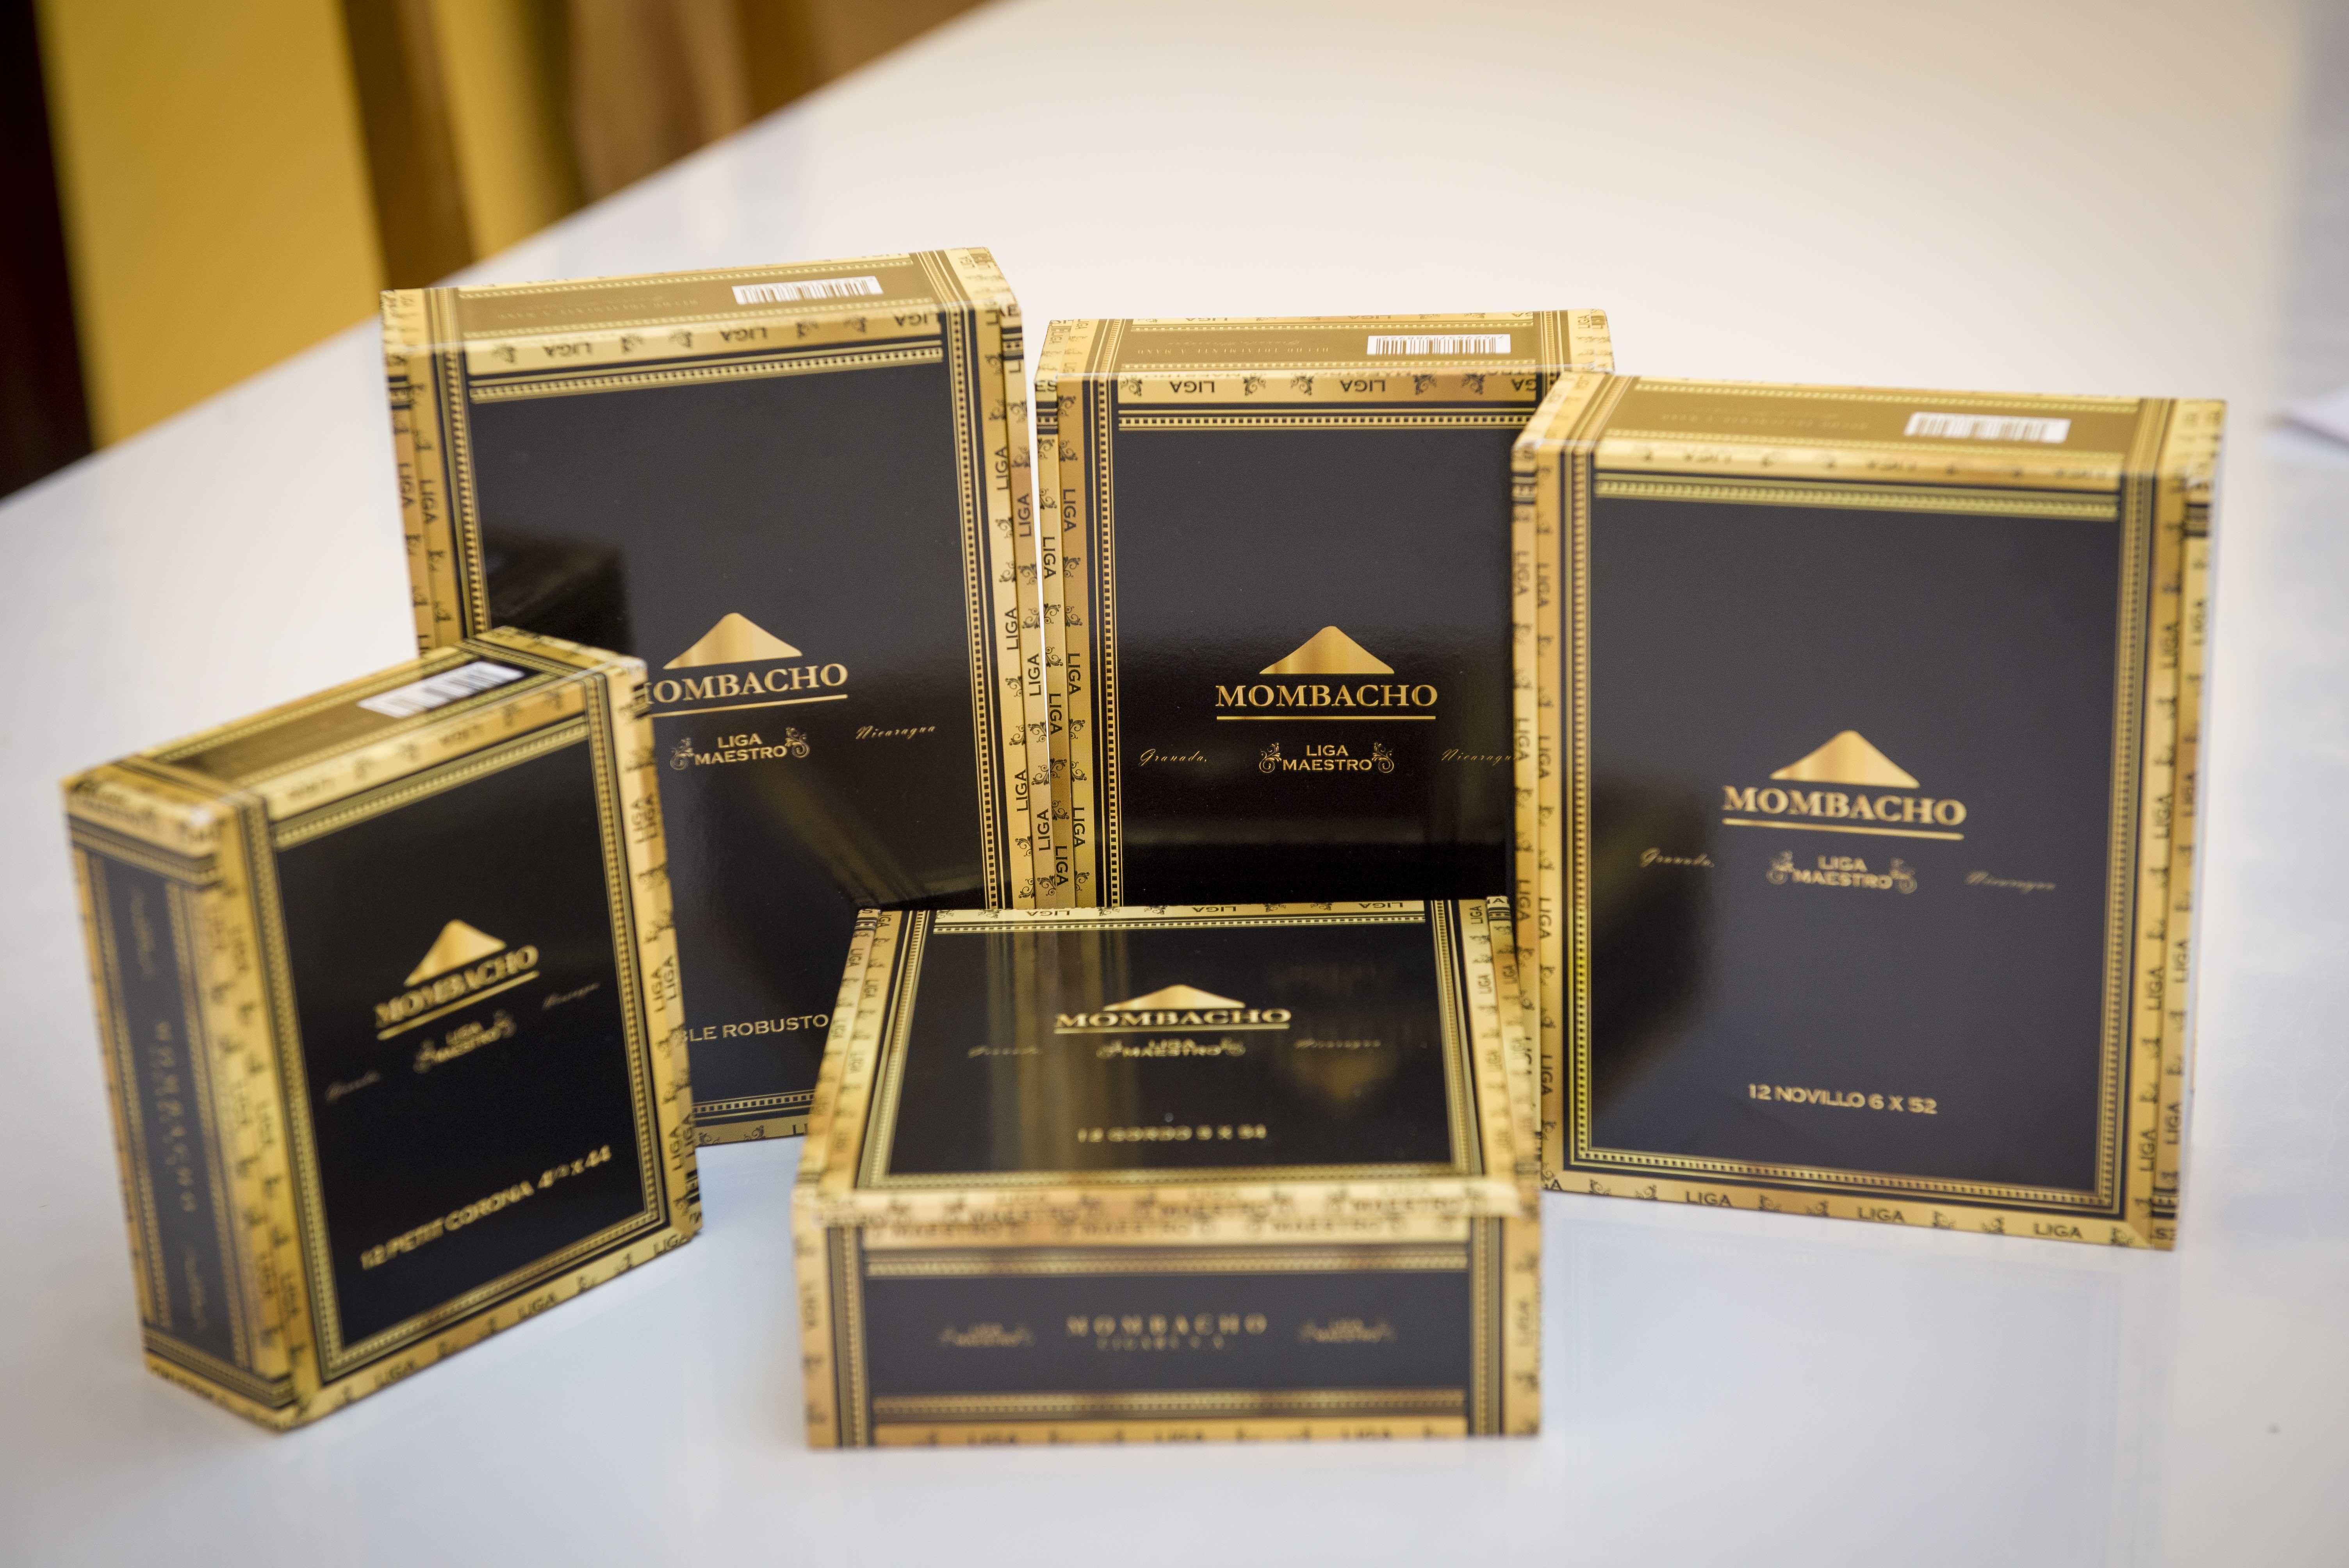 Cigar News: Mombacho Cigars SA Introducing New Packaging